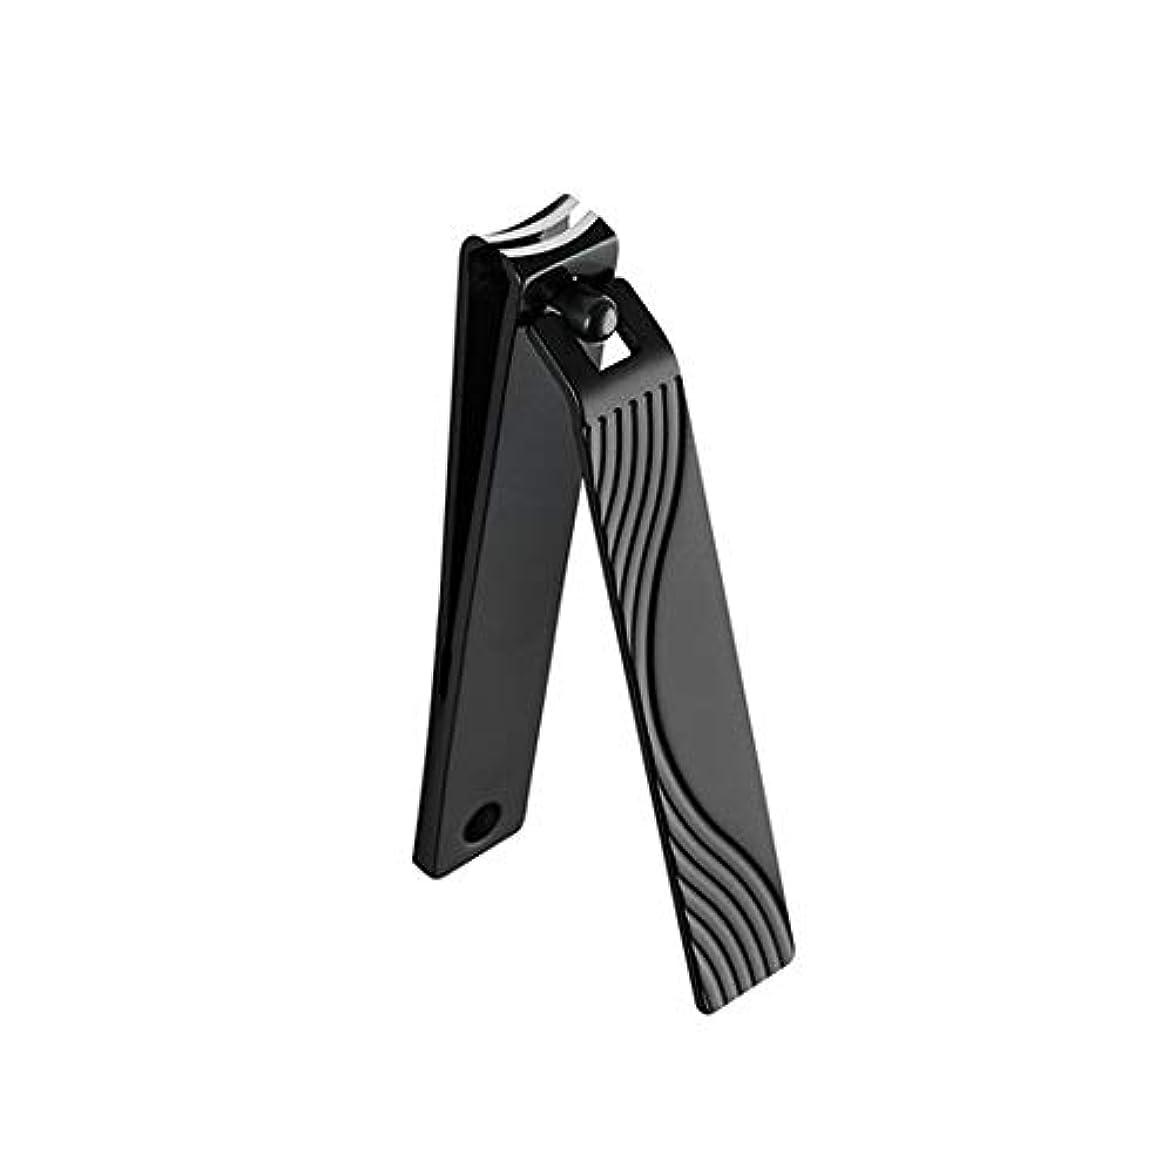 レビュアー栄光ハーネス飛び散り防止爪切り携帯便利男女兼用爪切り収納ケース付き、ブラック